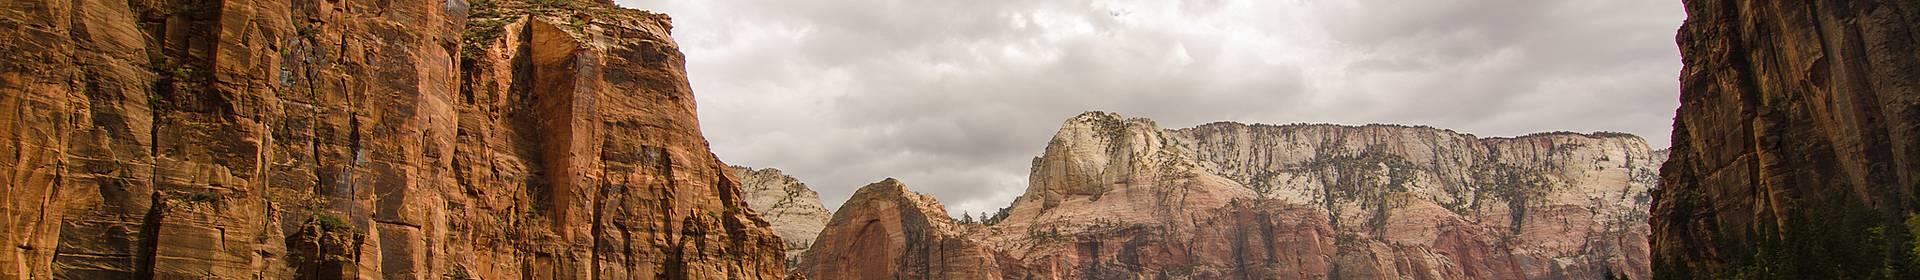 Parc national de Zion